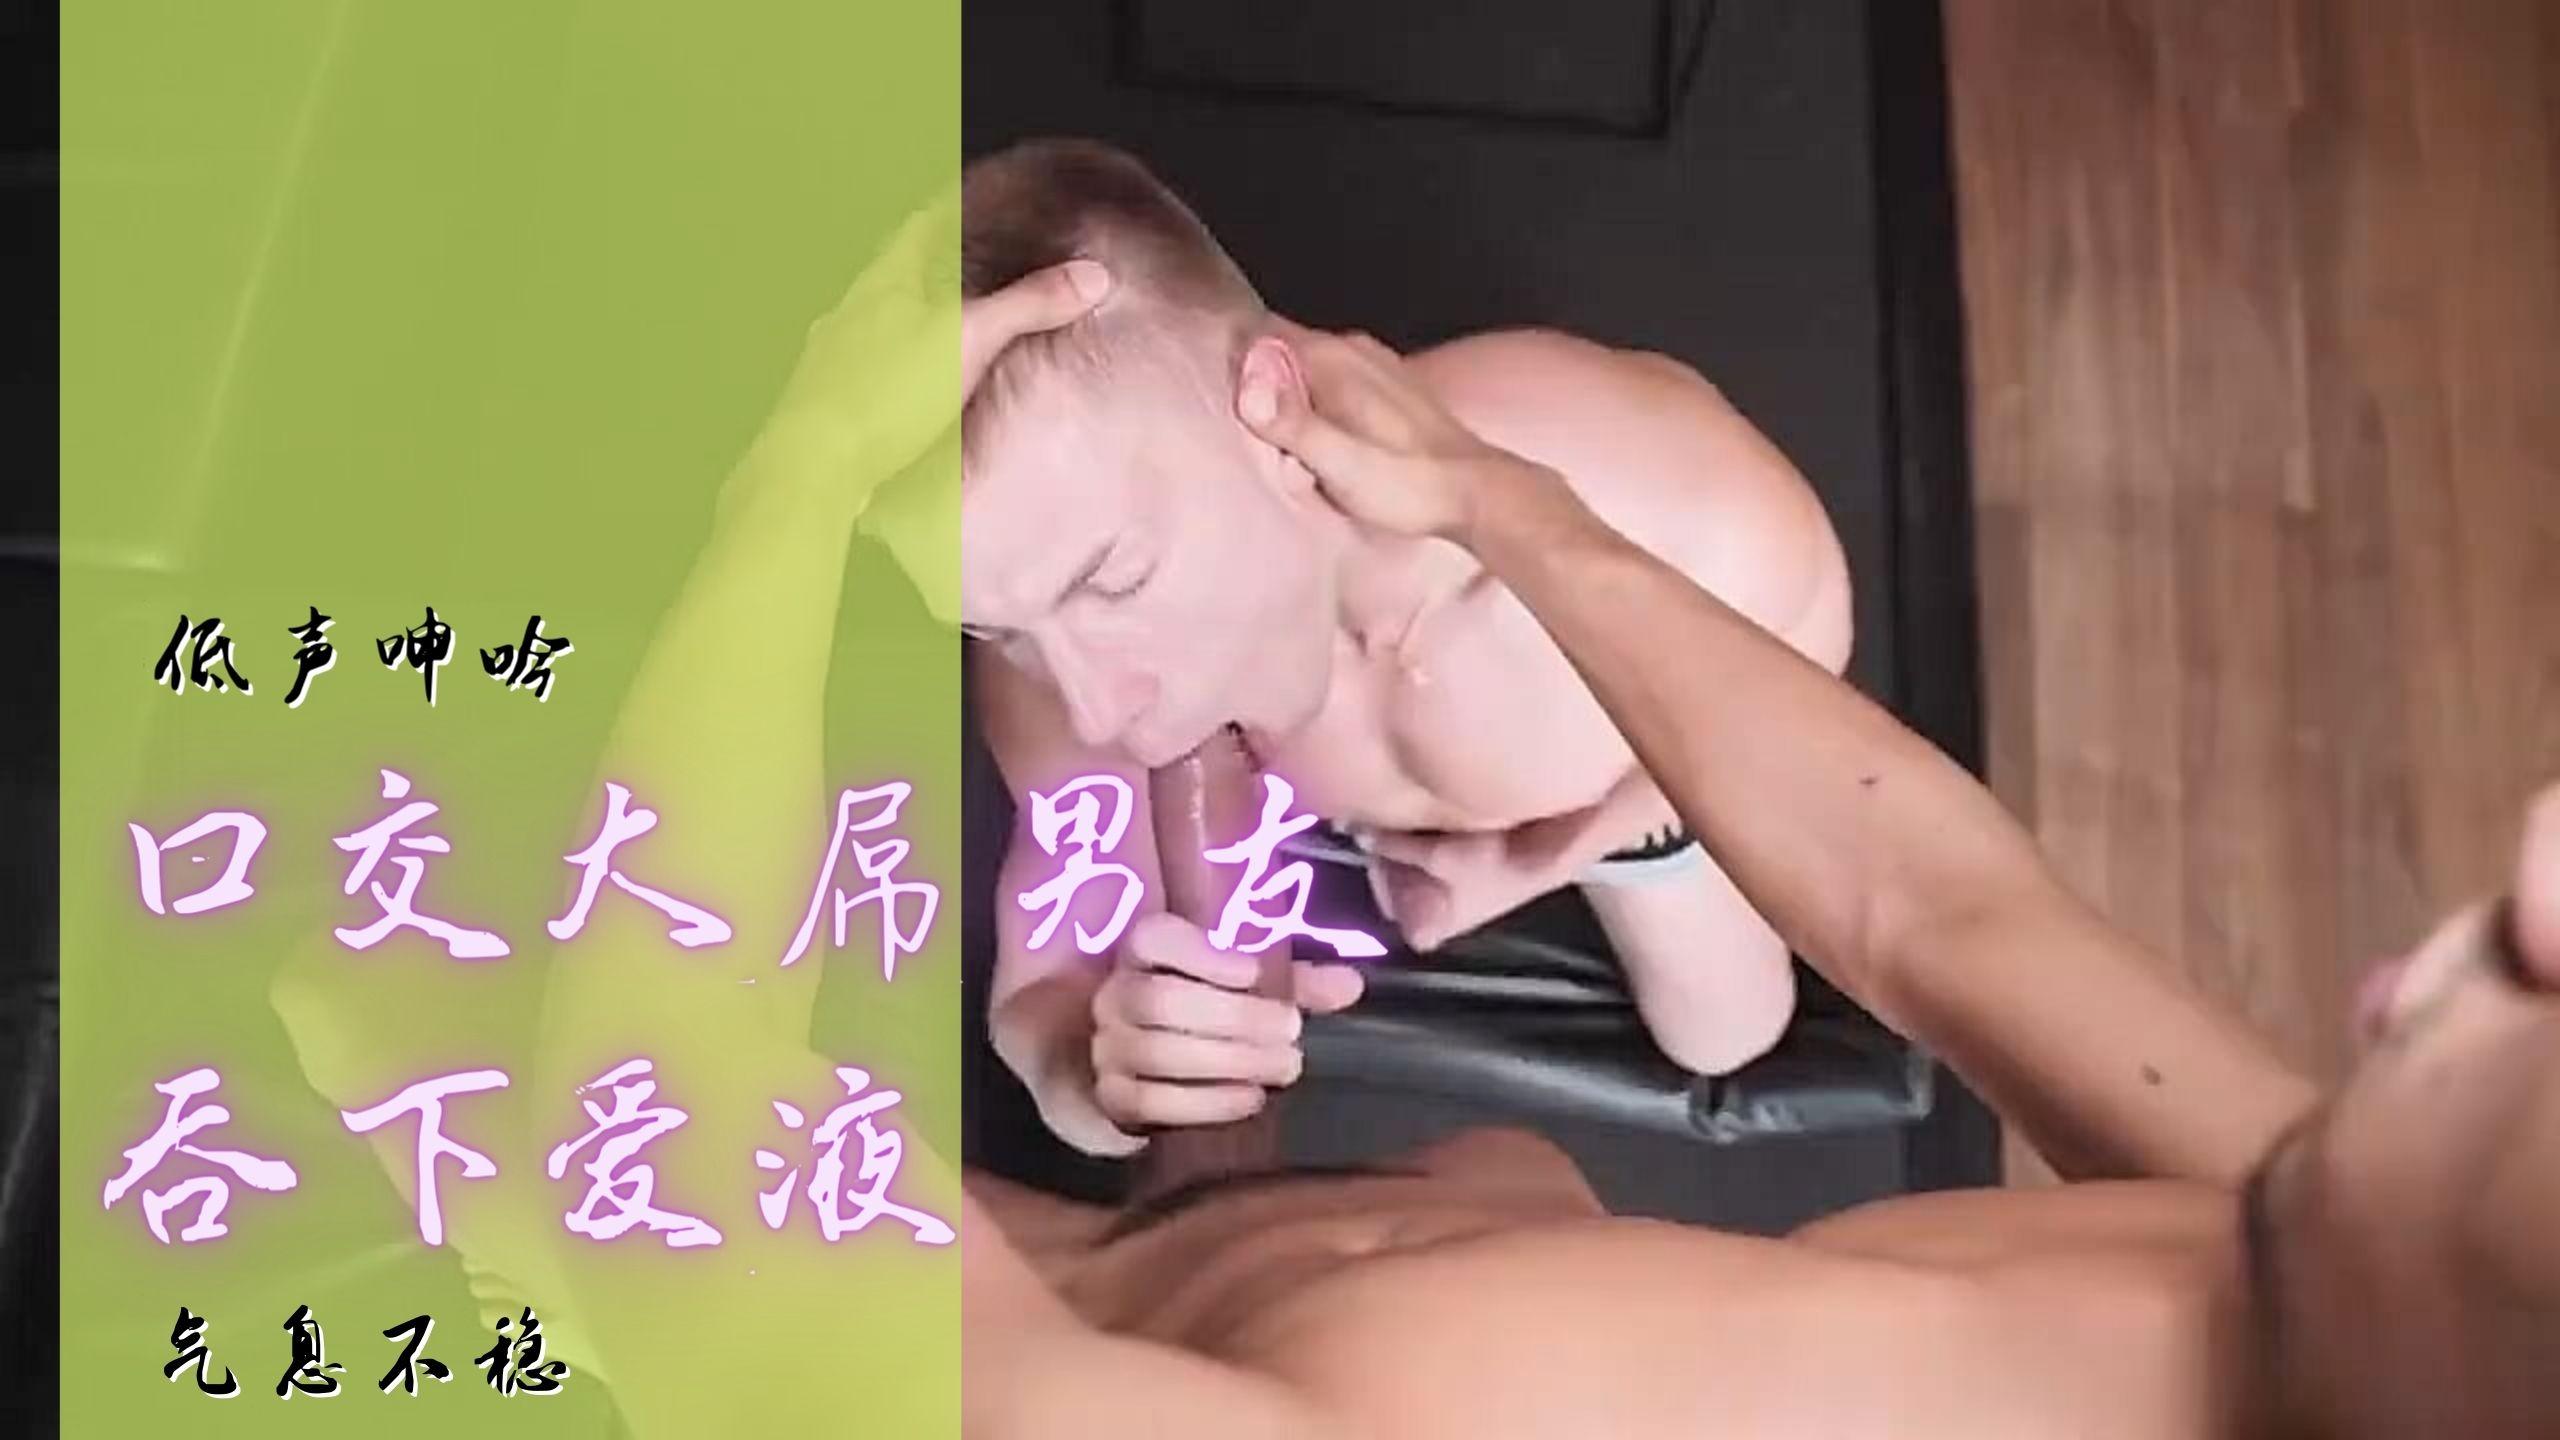 两个业余男模的性趣味